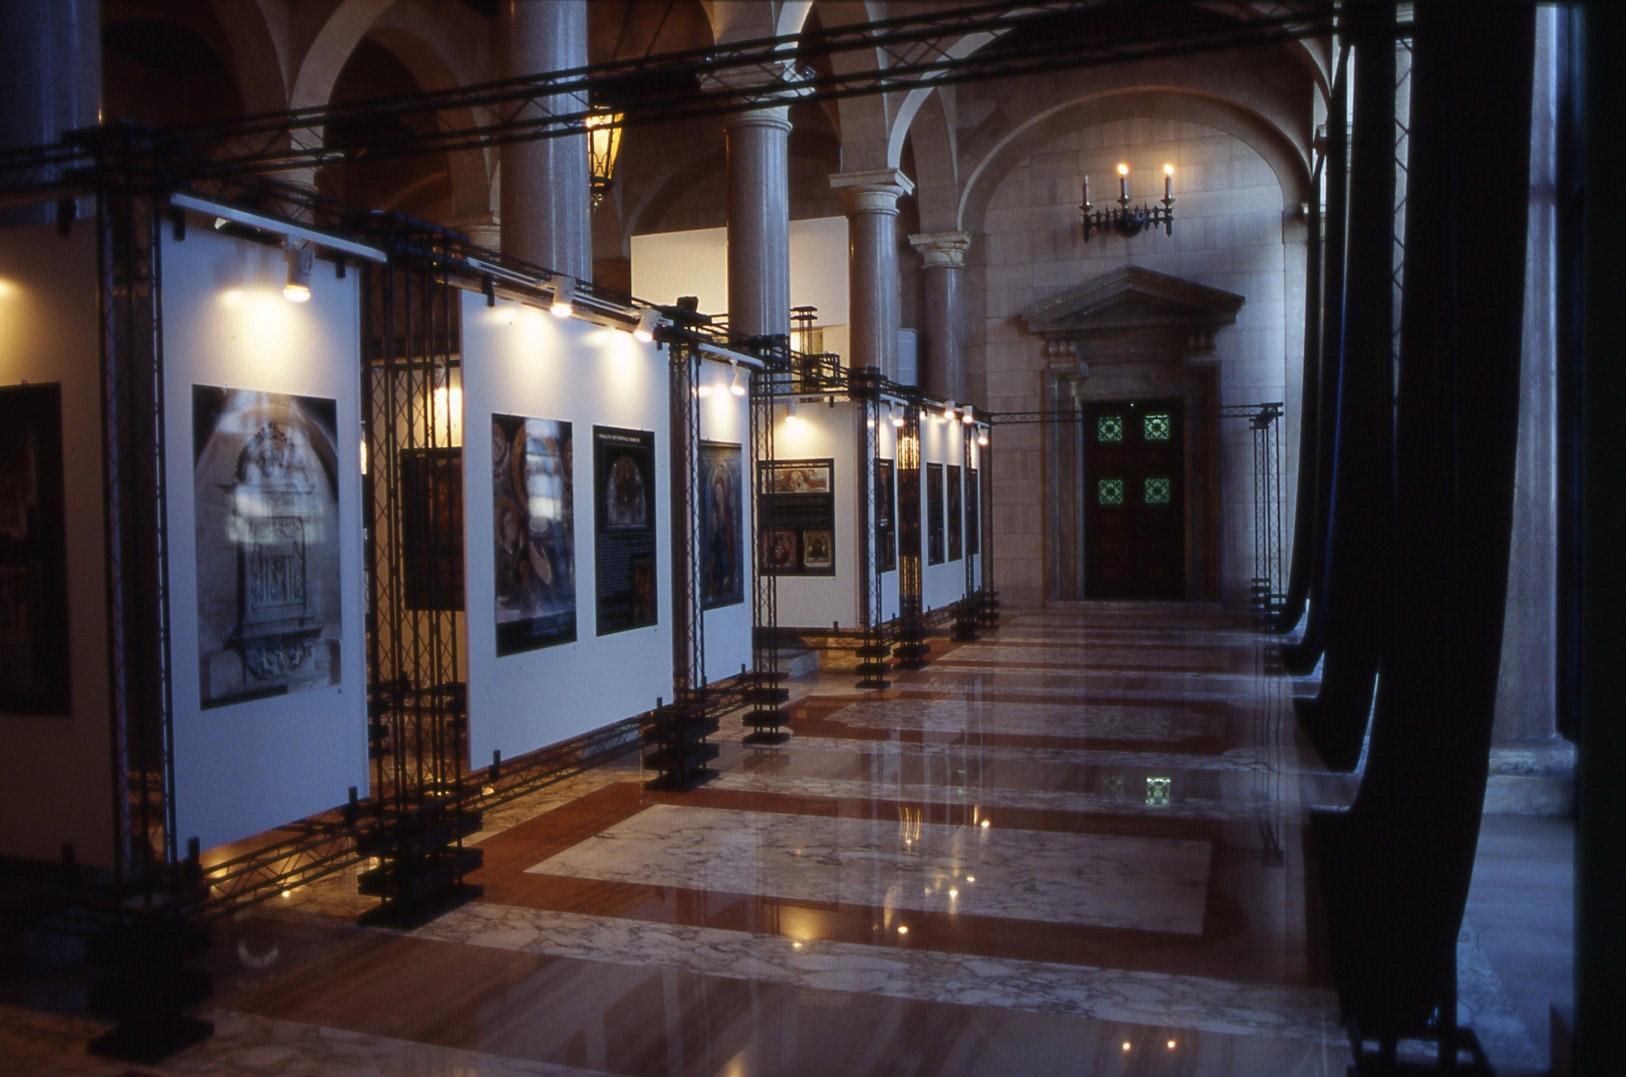 confraternite, arte e devozione in puglia dal 400 al 700